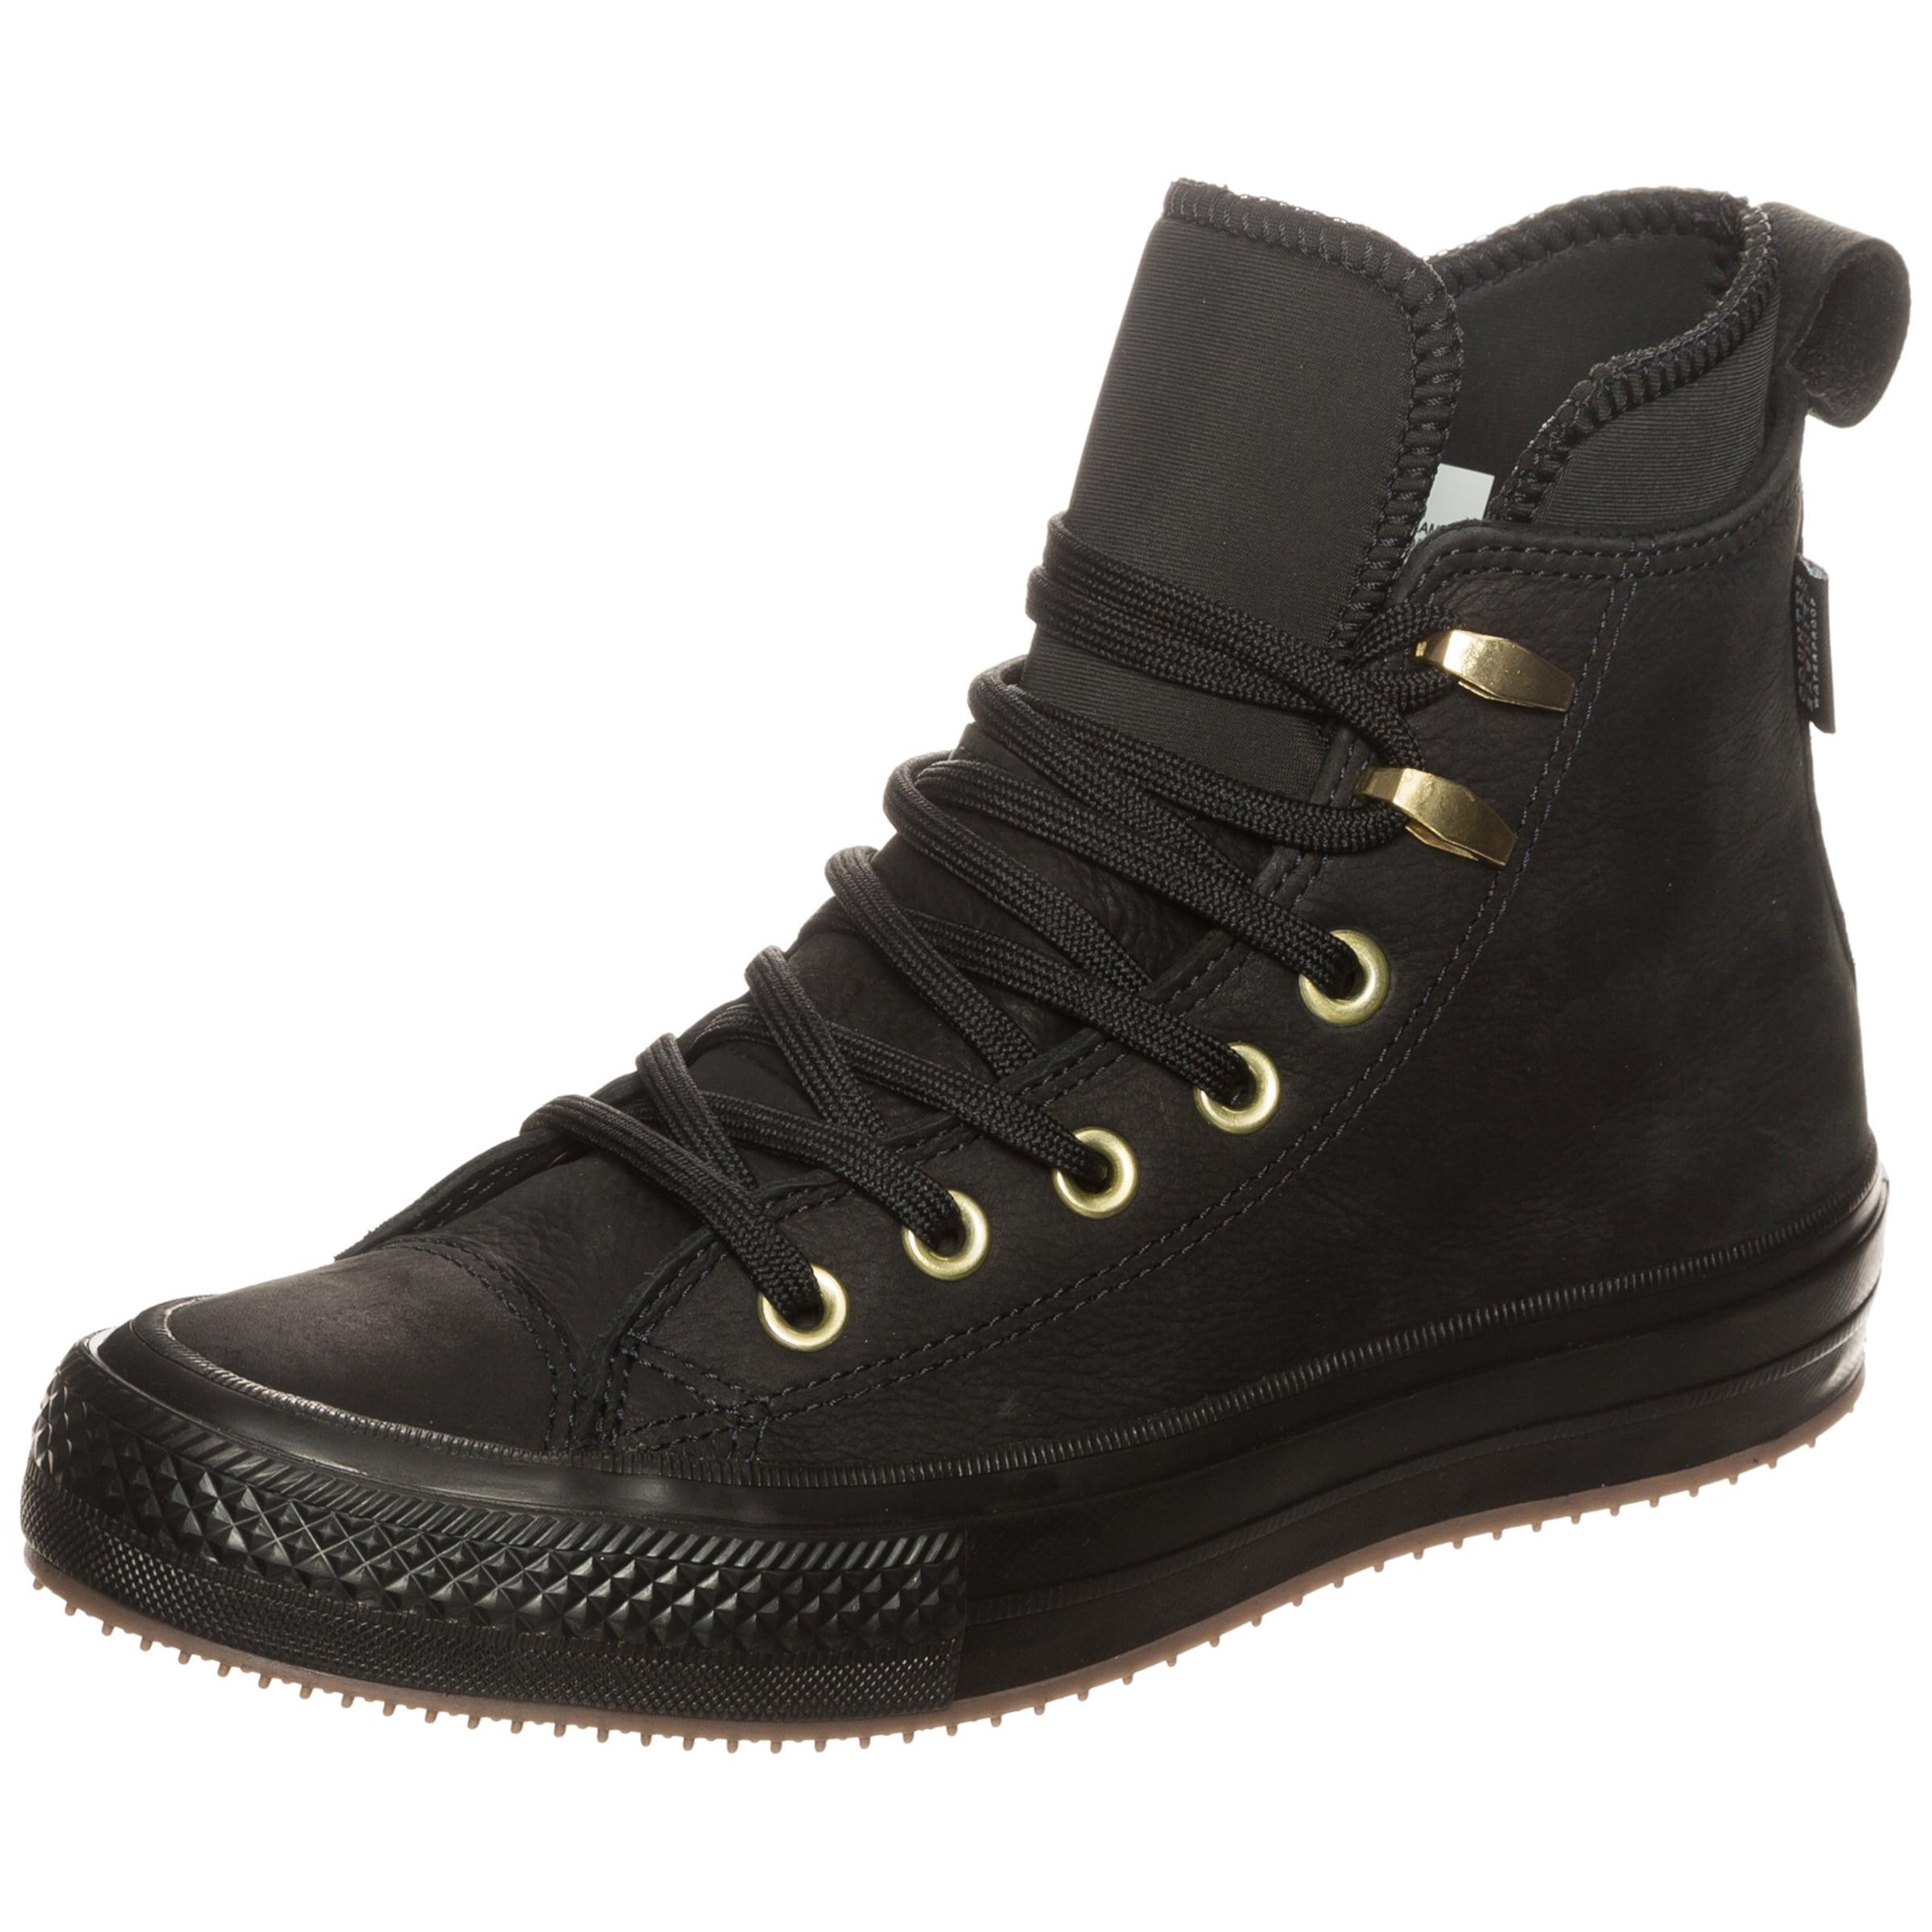 CONVERSE 'Chuck Taylor All Star Waterproof' High Sneaker Damen Footlocker Online Steckdose Kostengünstig Für Schöne Online Online-Verkauf Verkauf Truhe Finish Rdycjh3xW4